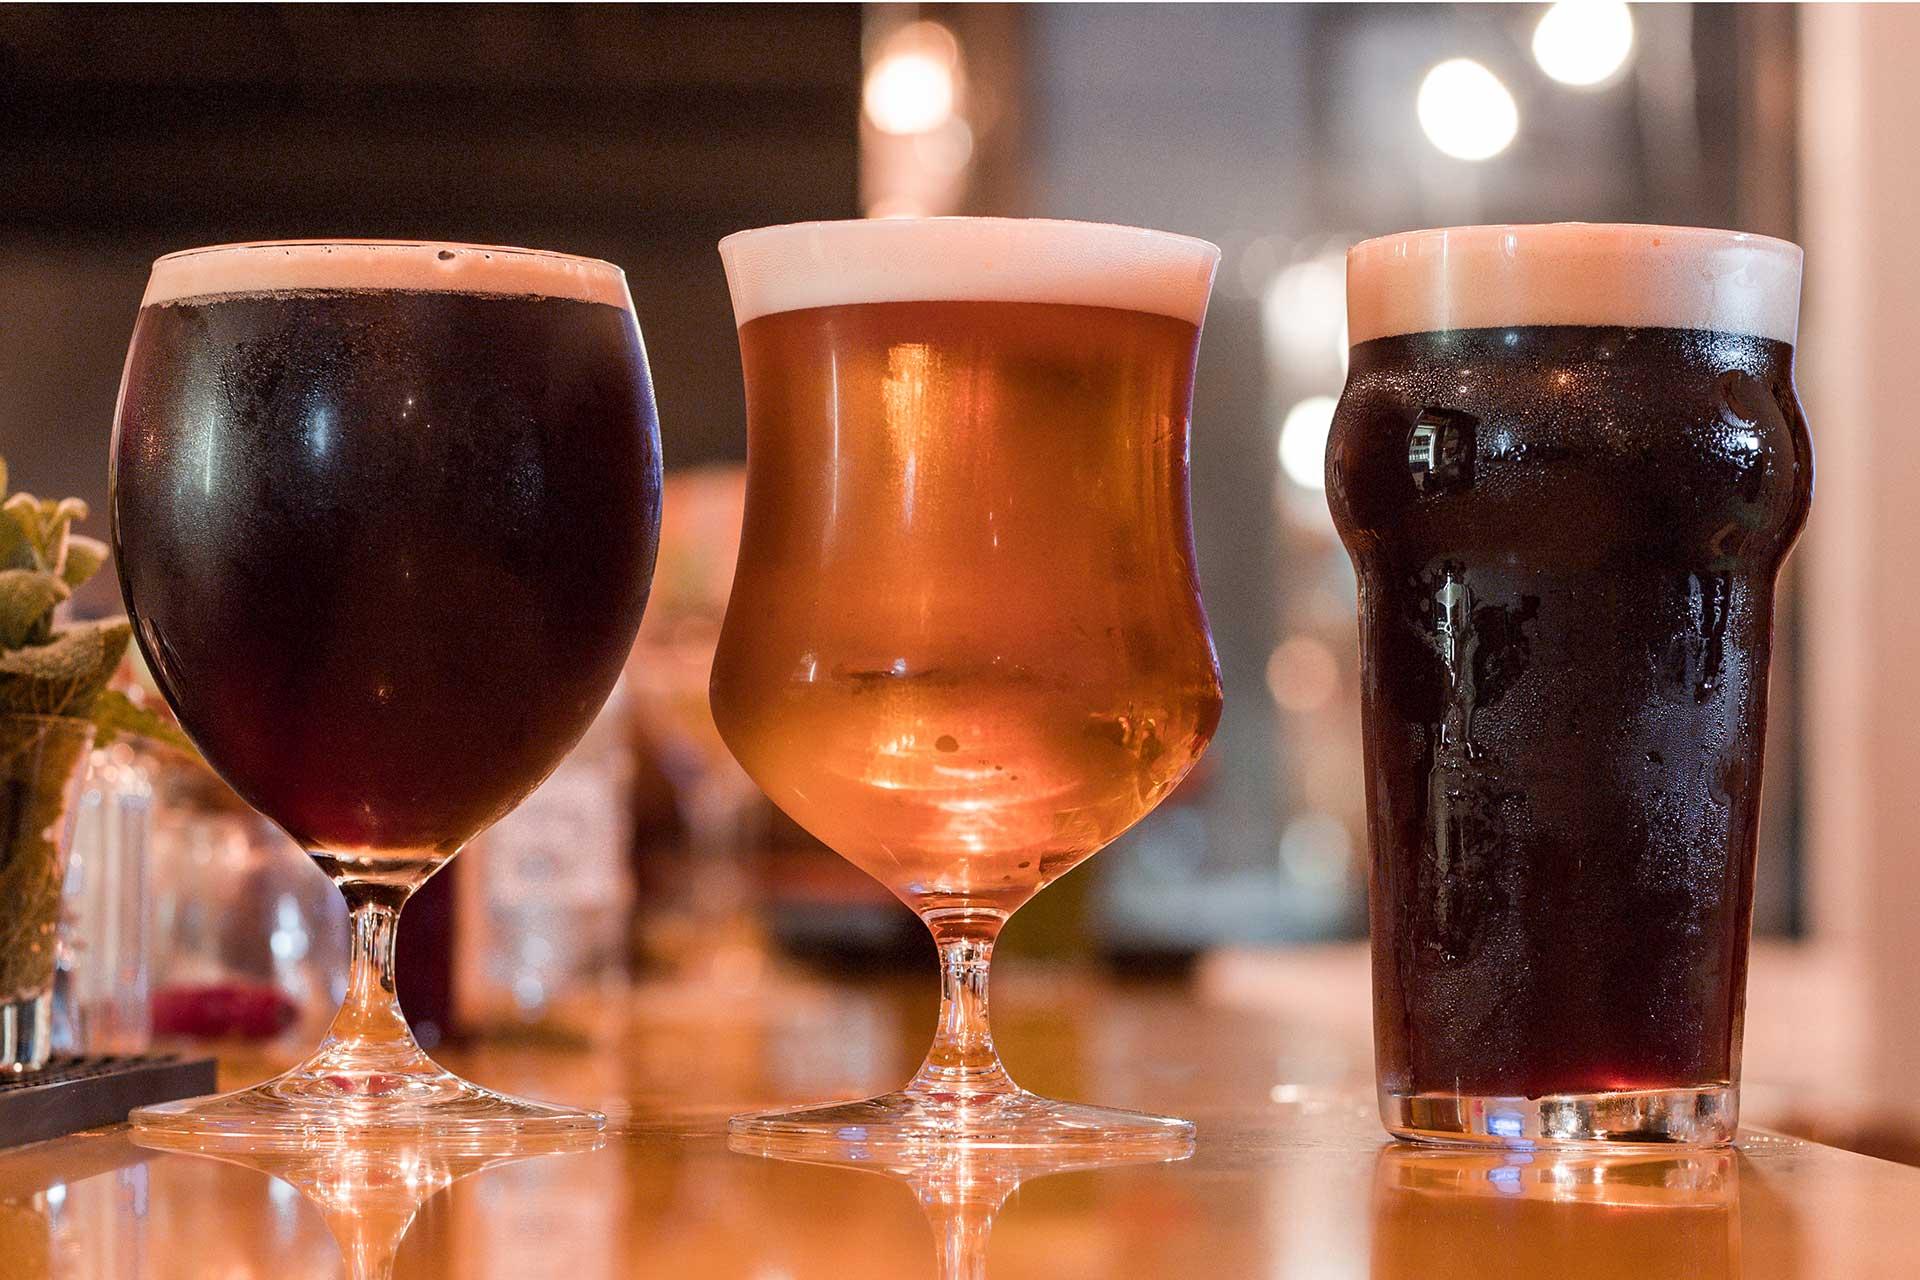 Imagem: Agora que você já tem as melhores dicas para gelar bebidas, é só aproveitar! Foto: Renan Munhoz.